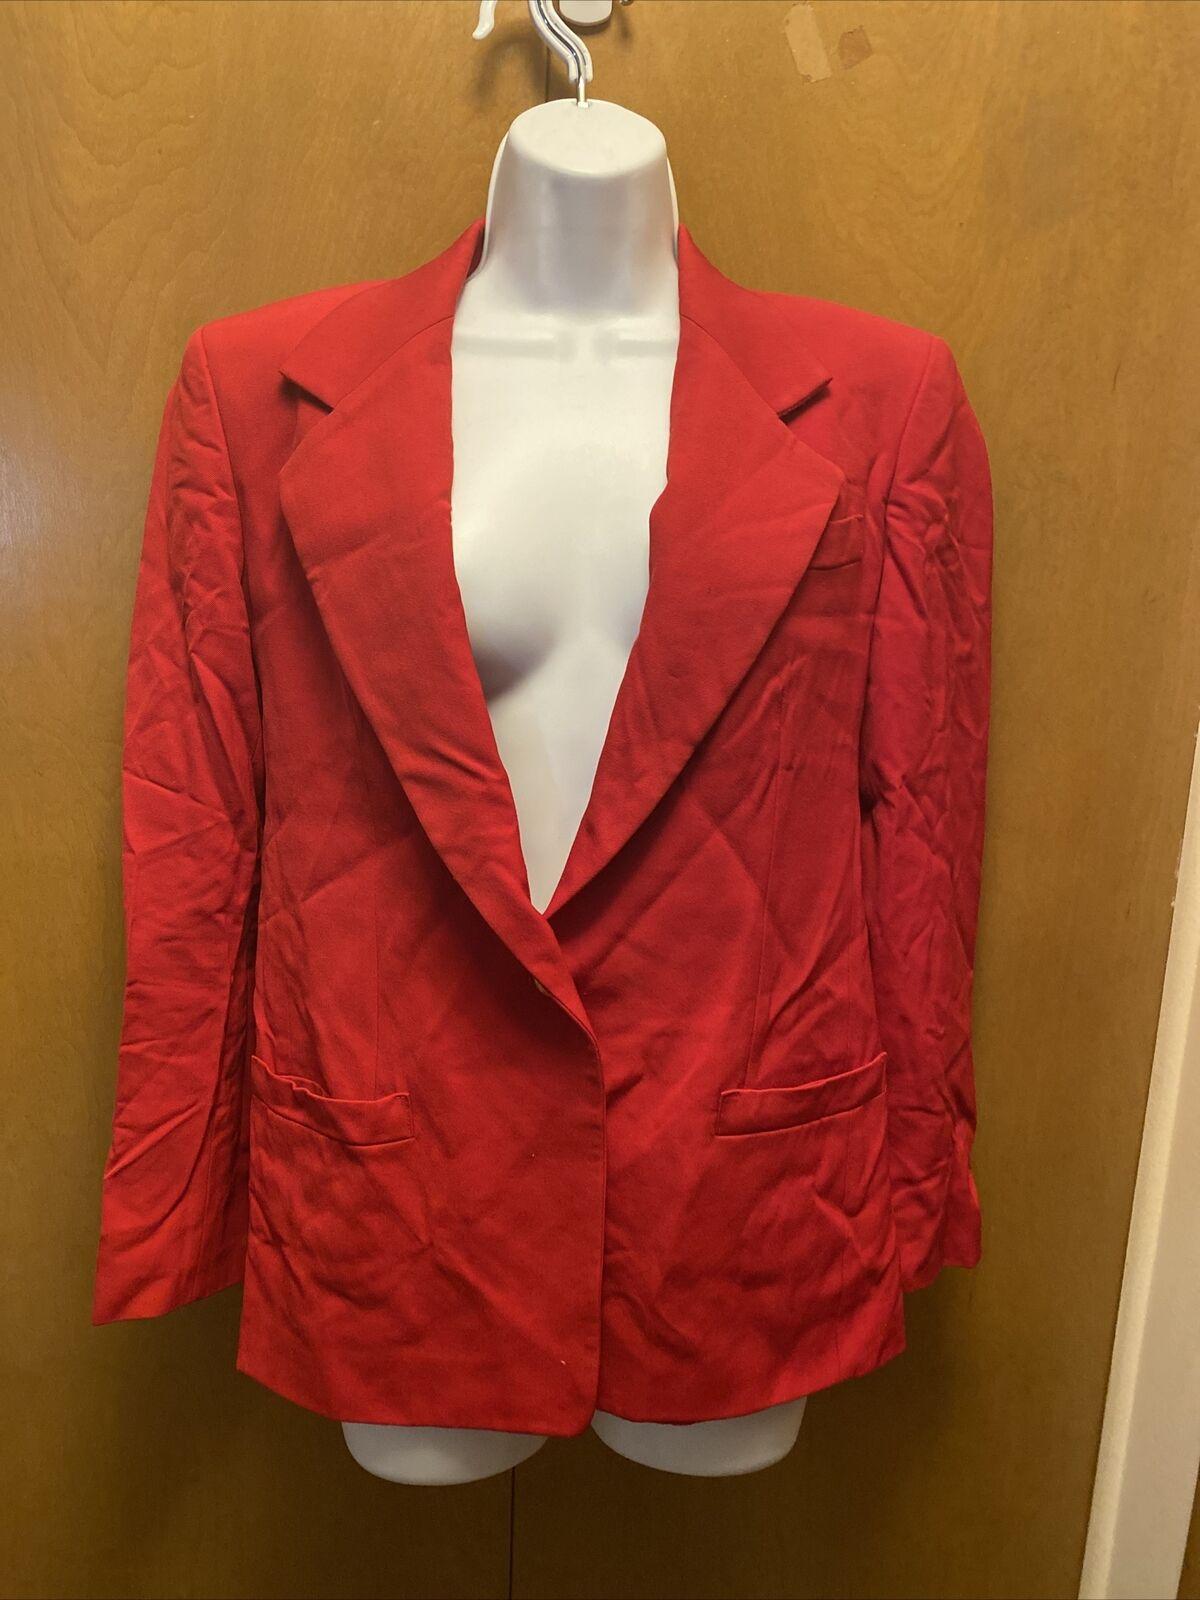 Kupit Austin Reed Women S Blazer 100 Wool Size 6 Na Aukcion Iz Ameriki S Dostavkoj V Rossiyu Ukrainu Kazahstan